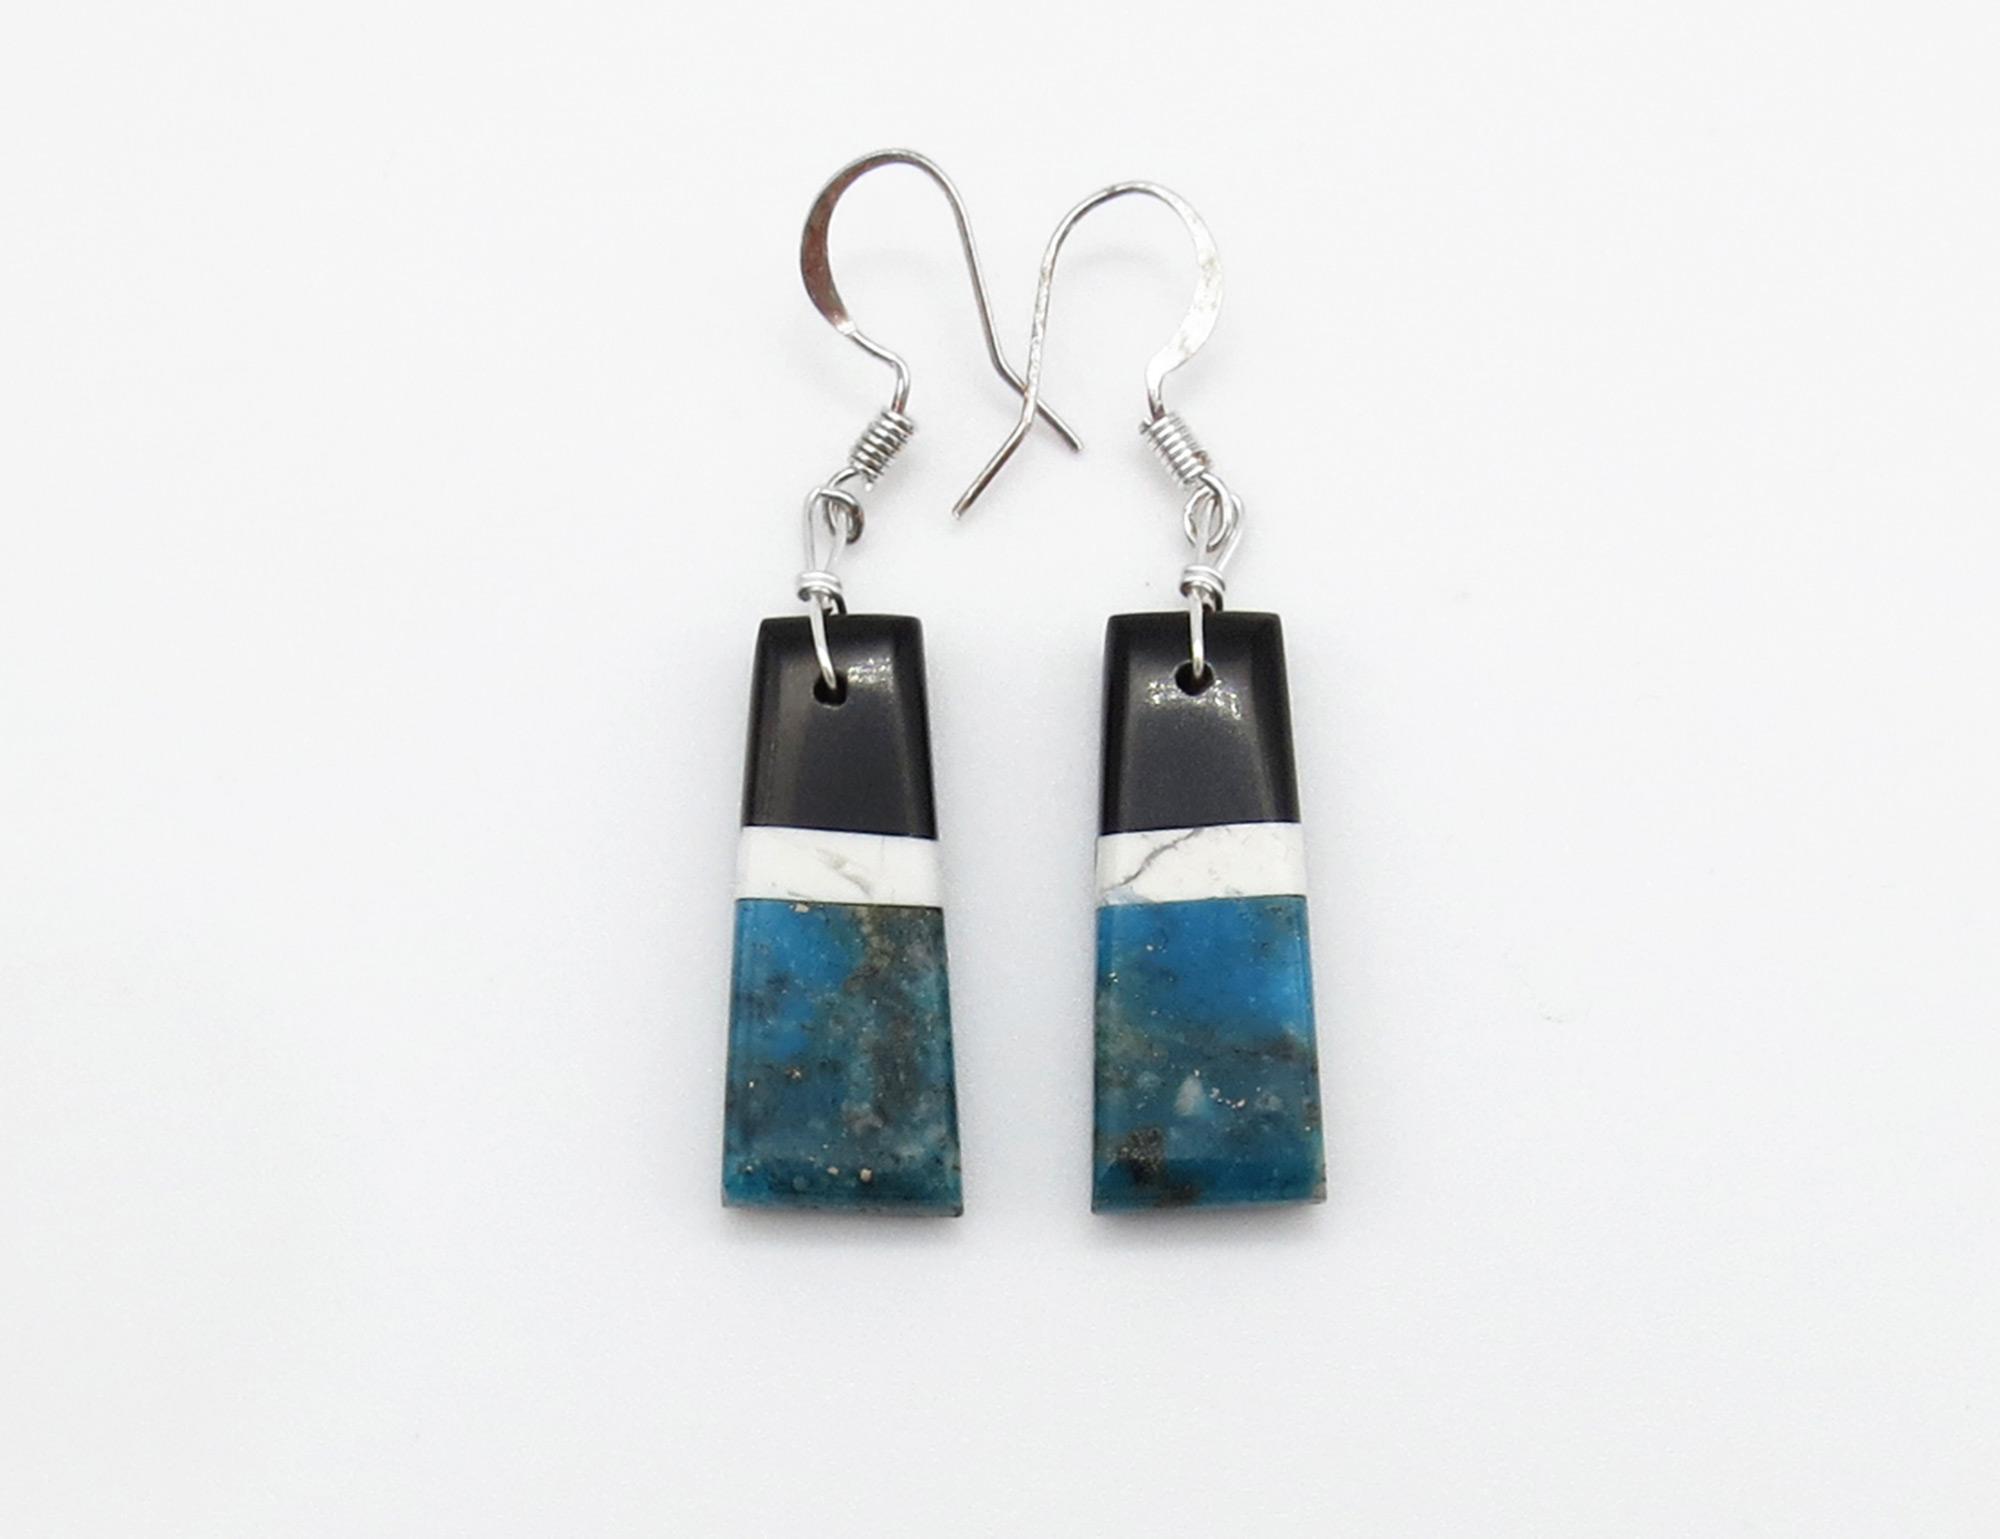 Turquoise Jet Earrings Santo Domingo Jewelry - 3957rio